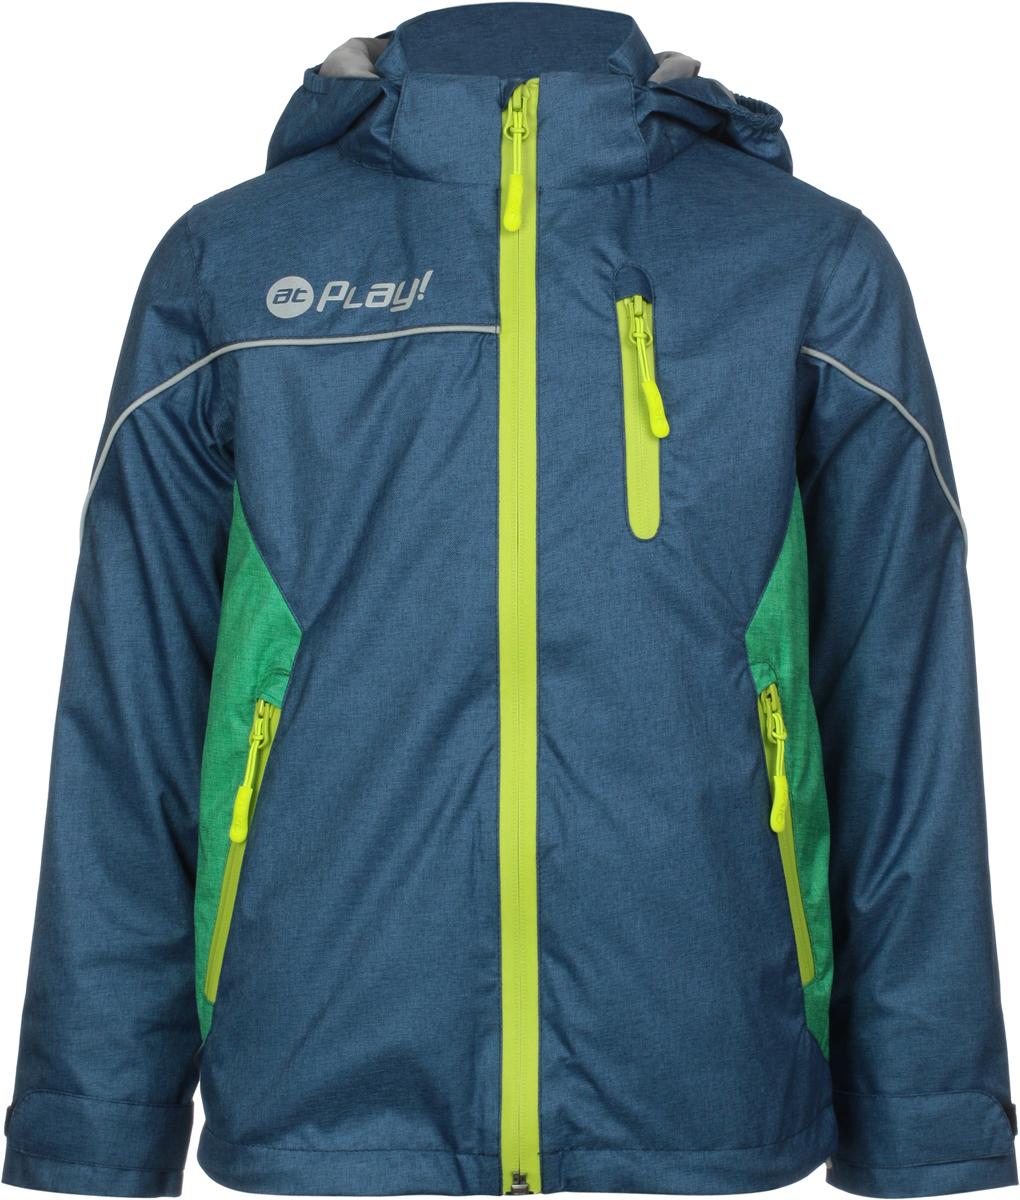 Куртка для мальчика atPlay!, цвет: темно-синий. 2jk808. Размер 134 куртка для мальчика atplay цвет серый 2jk710 размер 128 8 9 лет